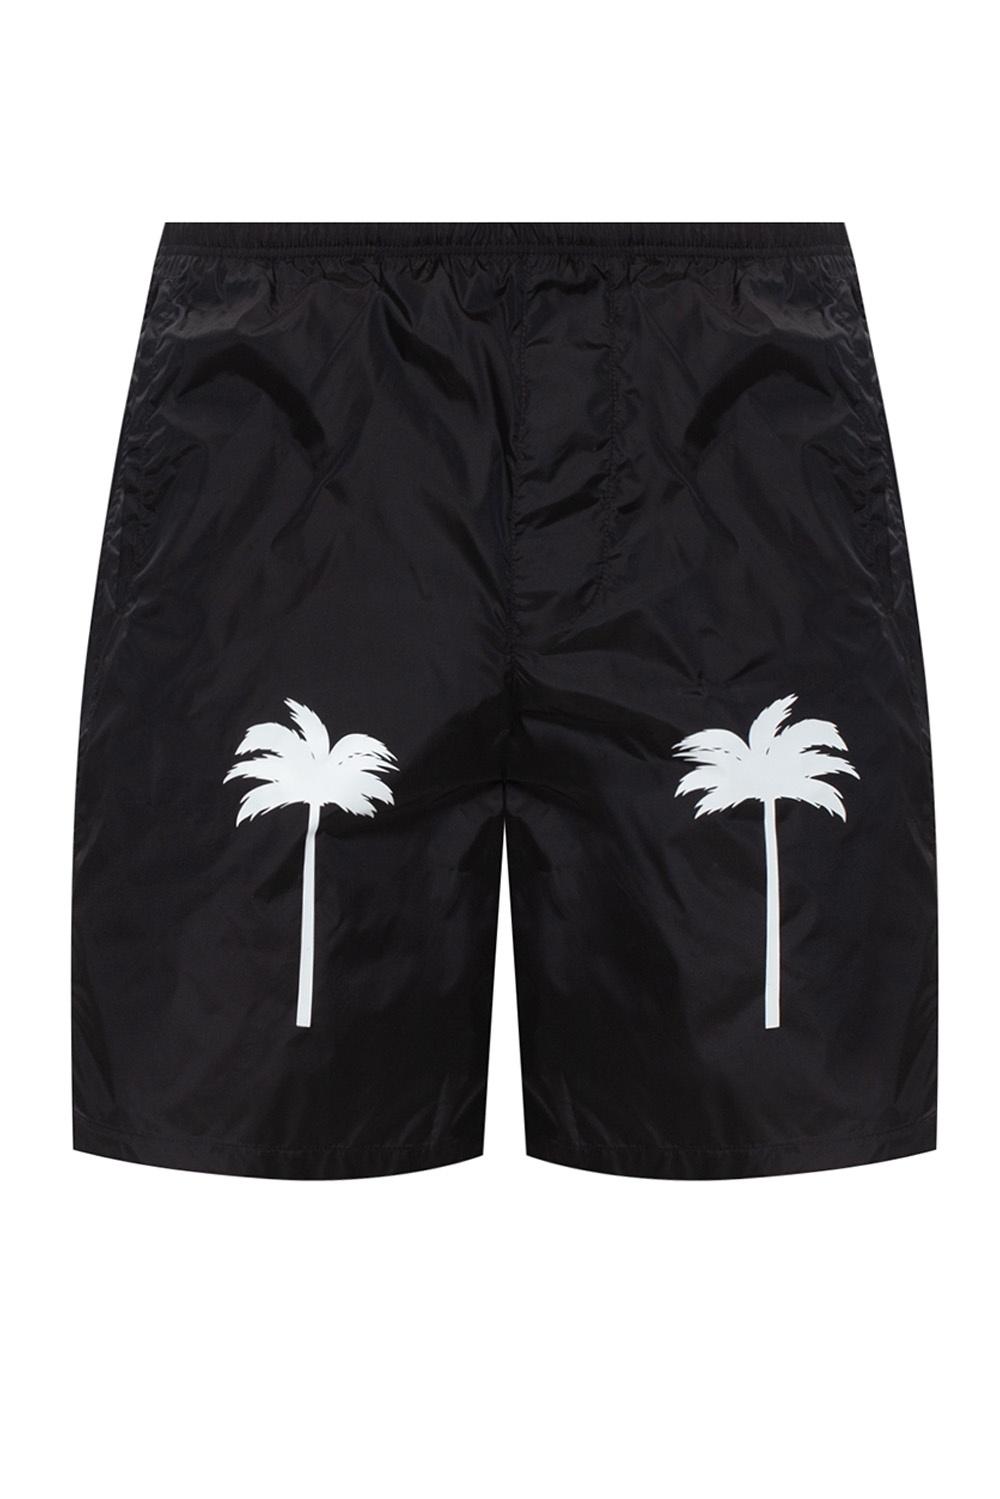 Palm Angels Drawstring shorts